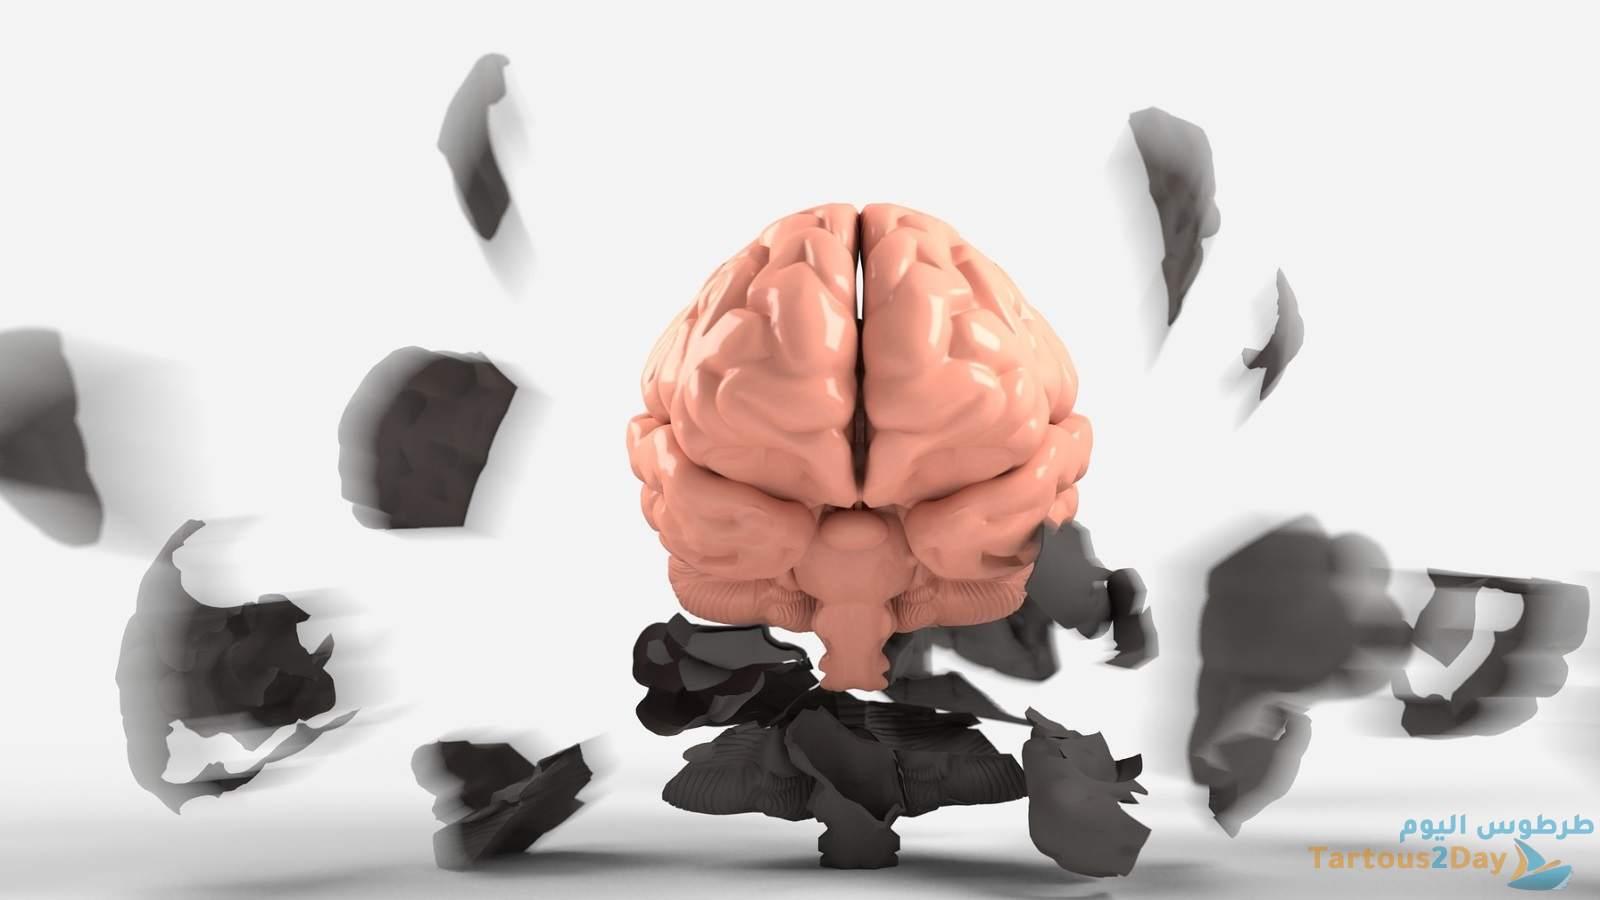 فحص سريري بسيط يحدد أمراض العقل و الشيخوخة فما هو ؟